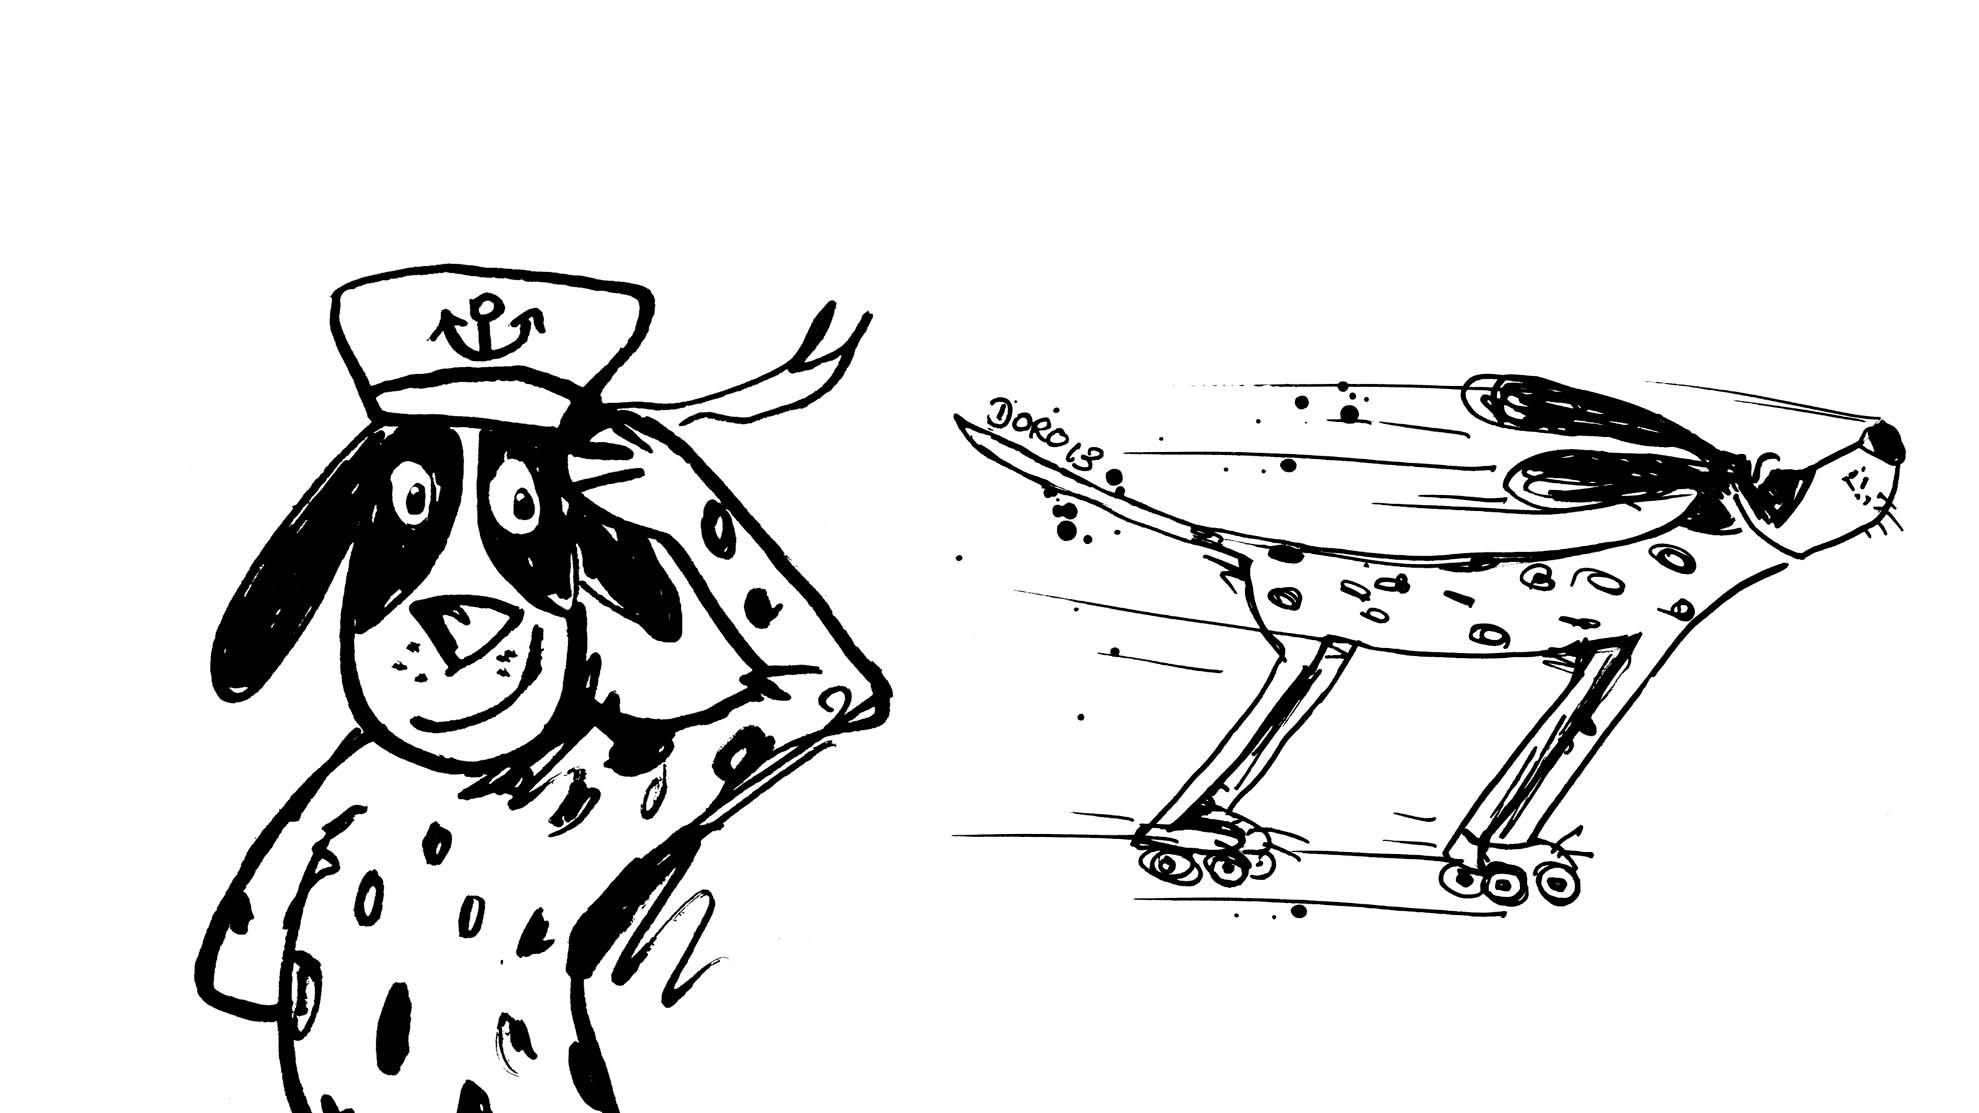 sympathiefigur-wohngemeinschaft-illustration-03.jpg